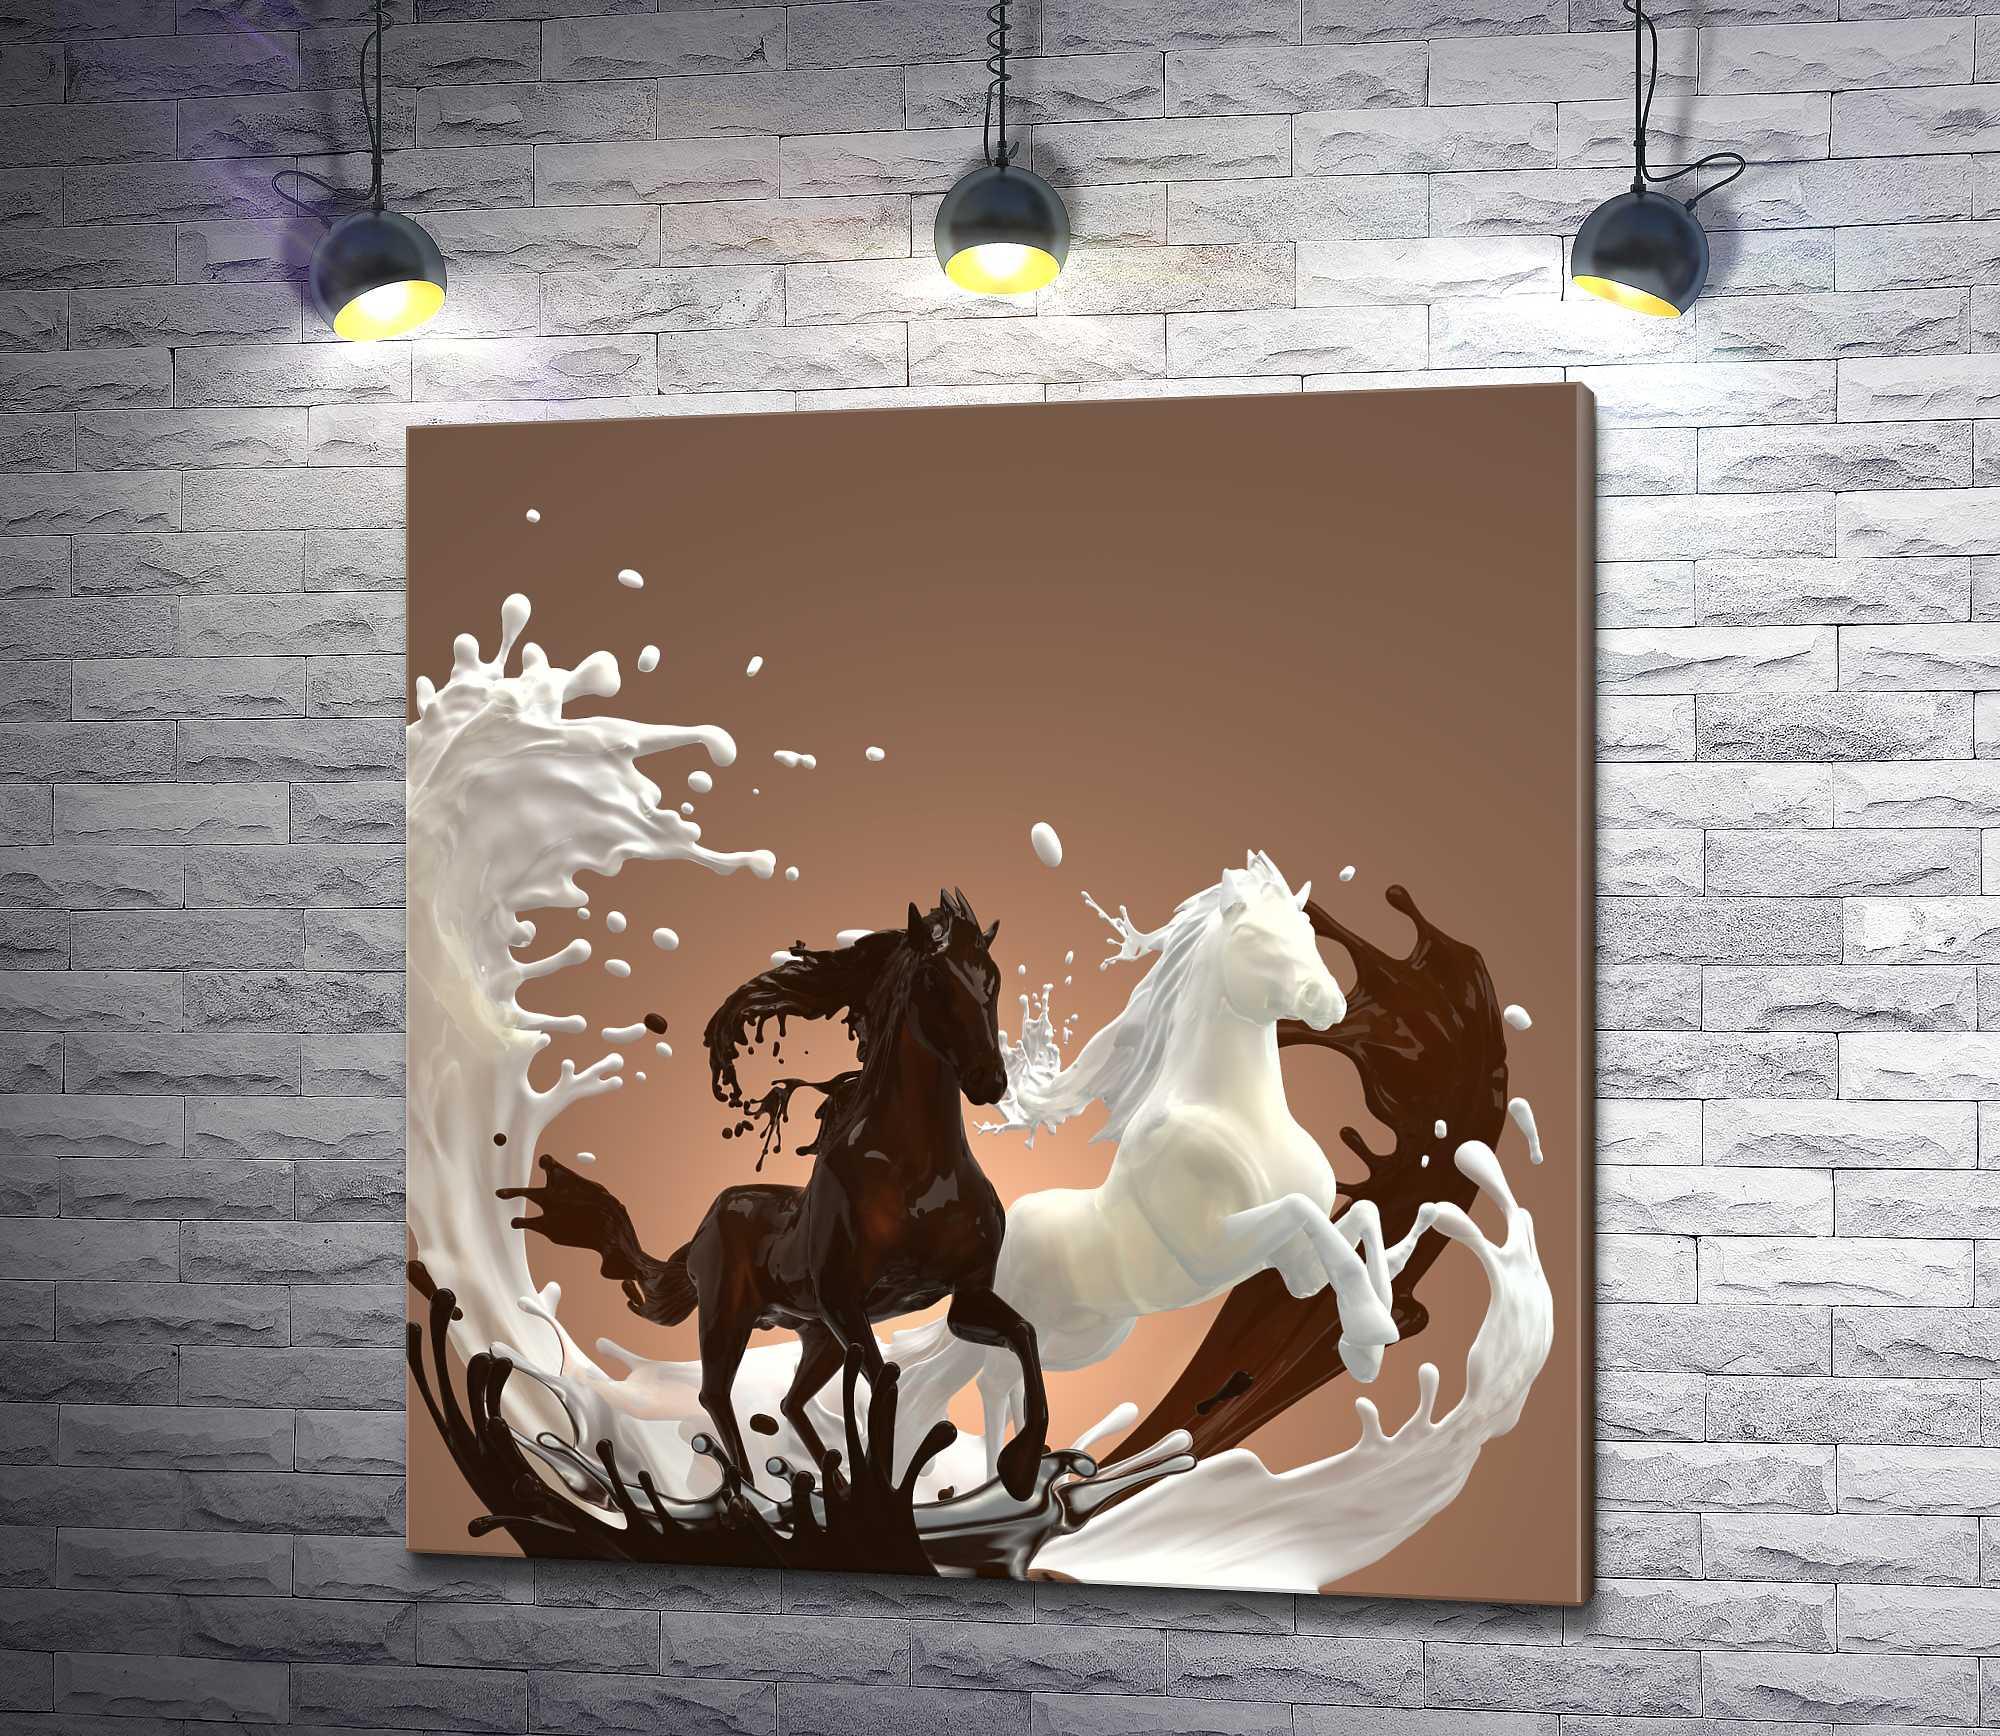 """Картина """"Молочный и шоколадный силуэты лошадей """""""